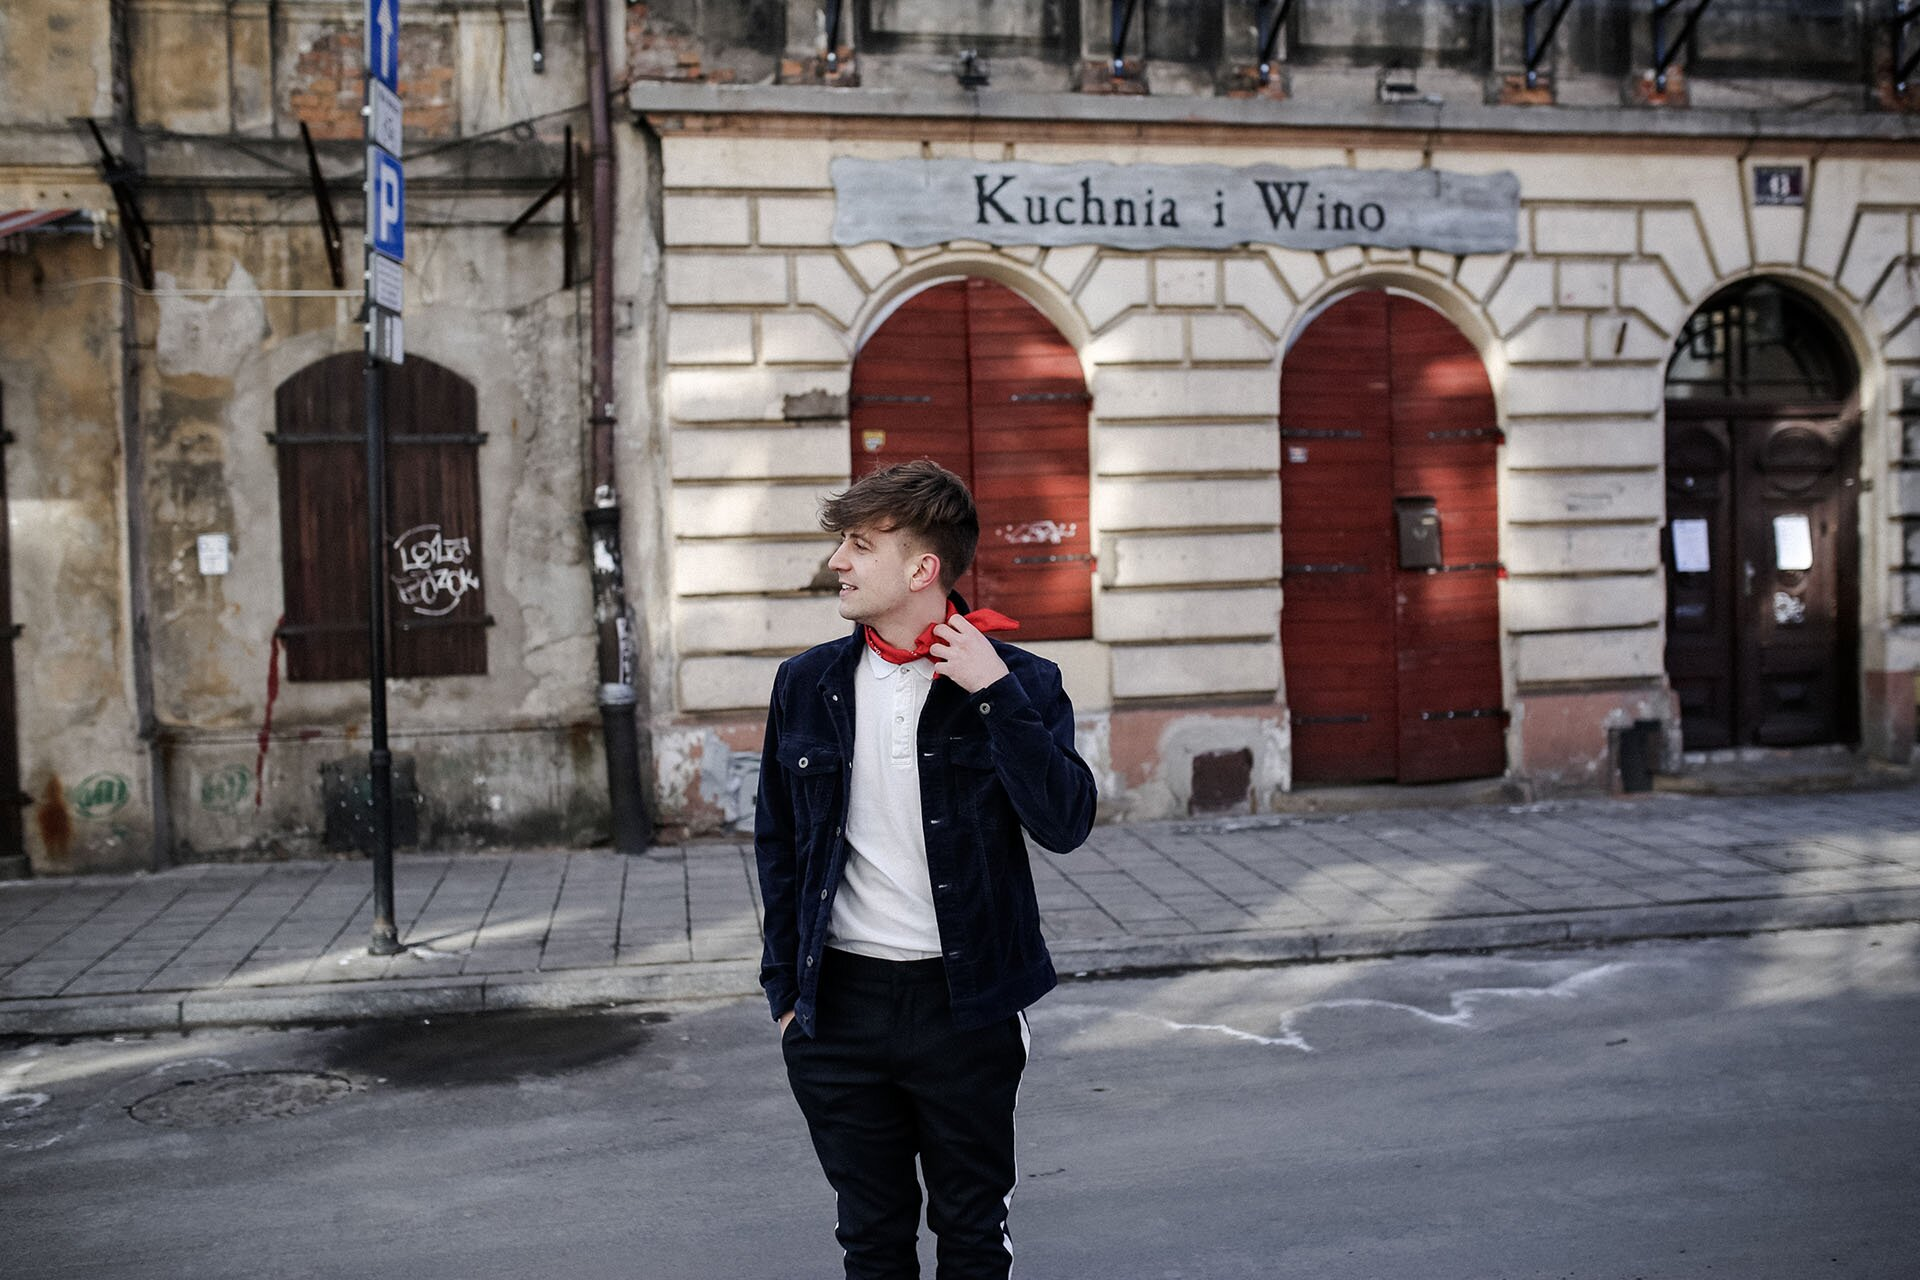 Zegarek męski Pulsar, Sztruks w modzie męskiej, Kurtka sztruksowa męska, Spodnie z lampasami męskie, Bandana męska, GMALE by Grzegorz Paliś, Blog o modzie męskiej